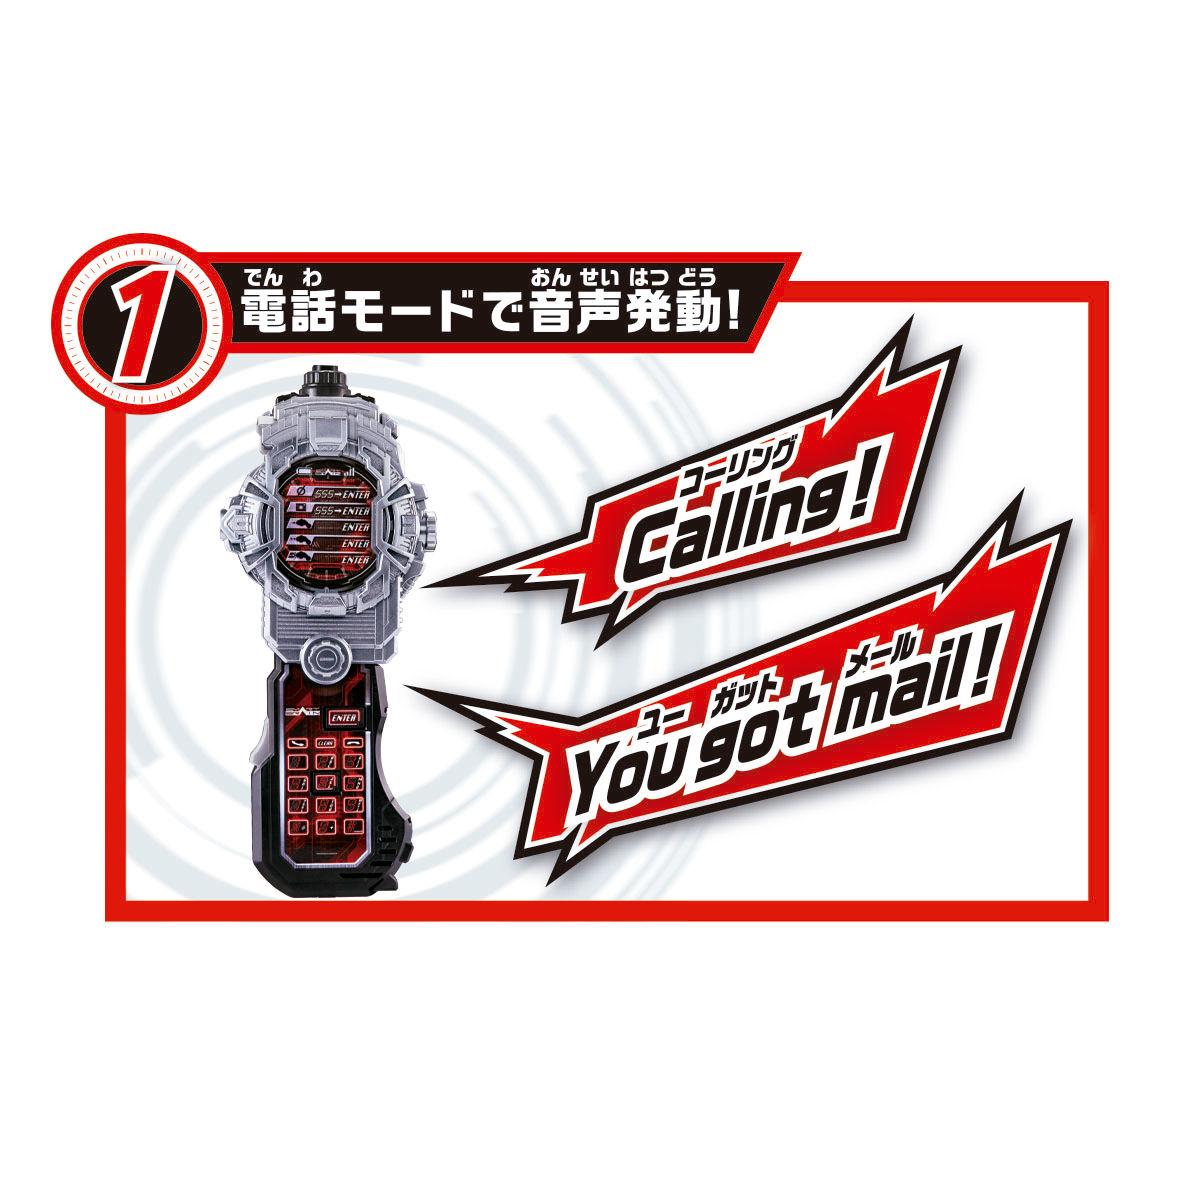 ライドガジェットシリーズ『DXファイズフォンX(テン)』仮面ライダージオウ  変身なりきり-007